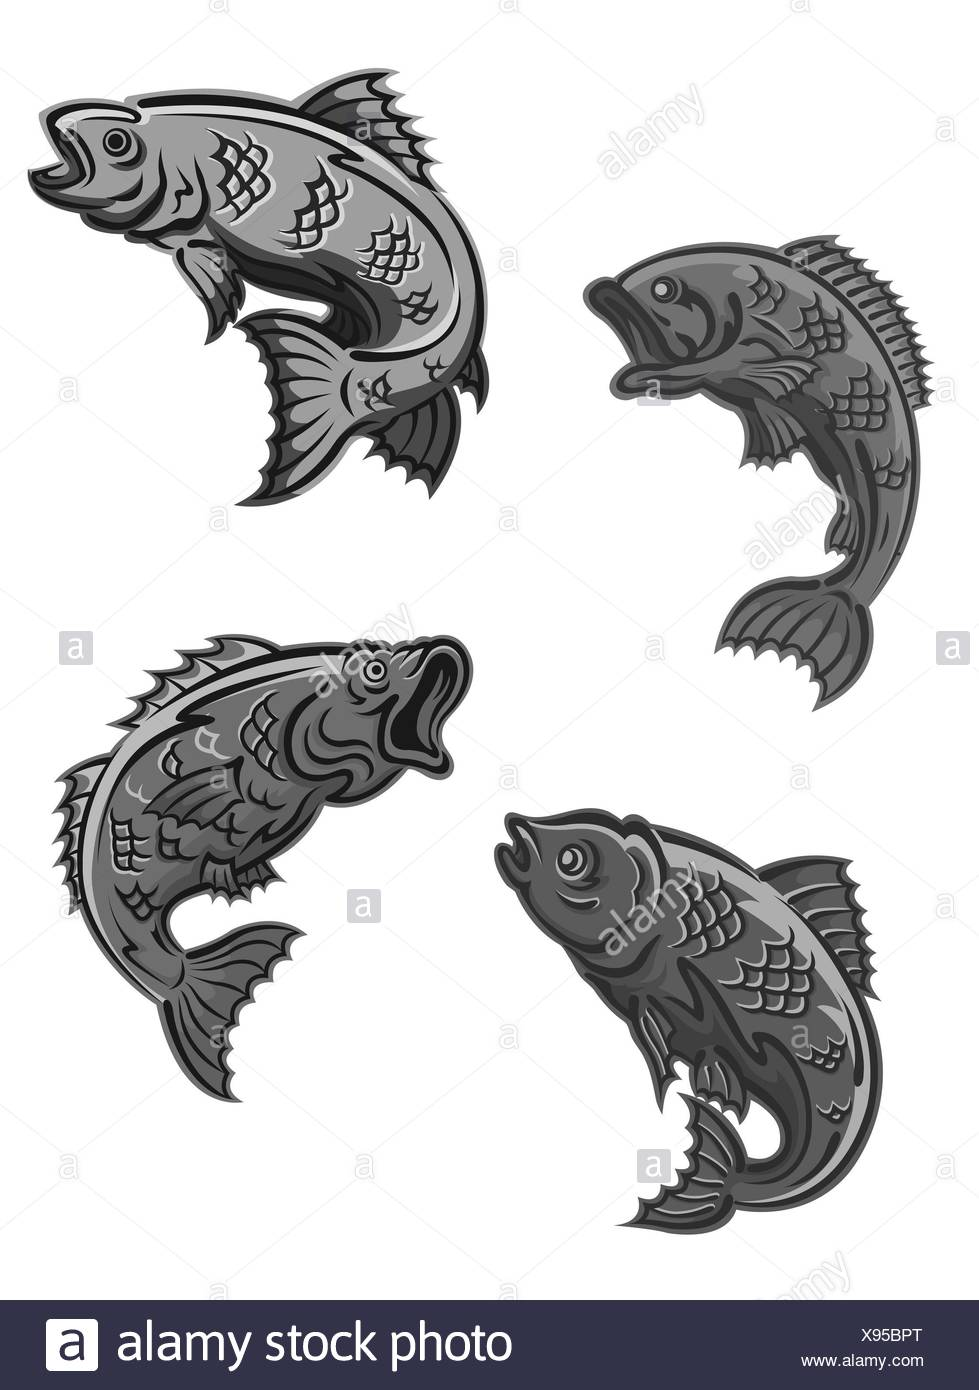 Wunderbar Bass Fischerei Malvorlagen Zeitgenössisch - Entry Level ...